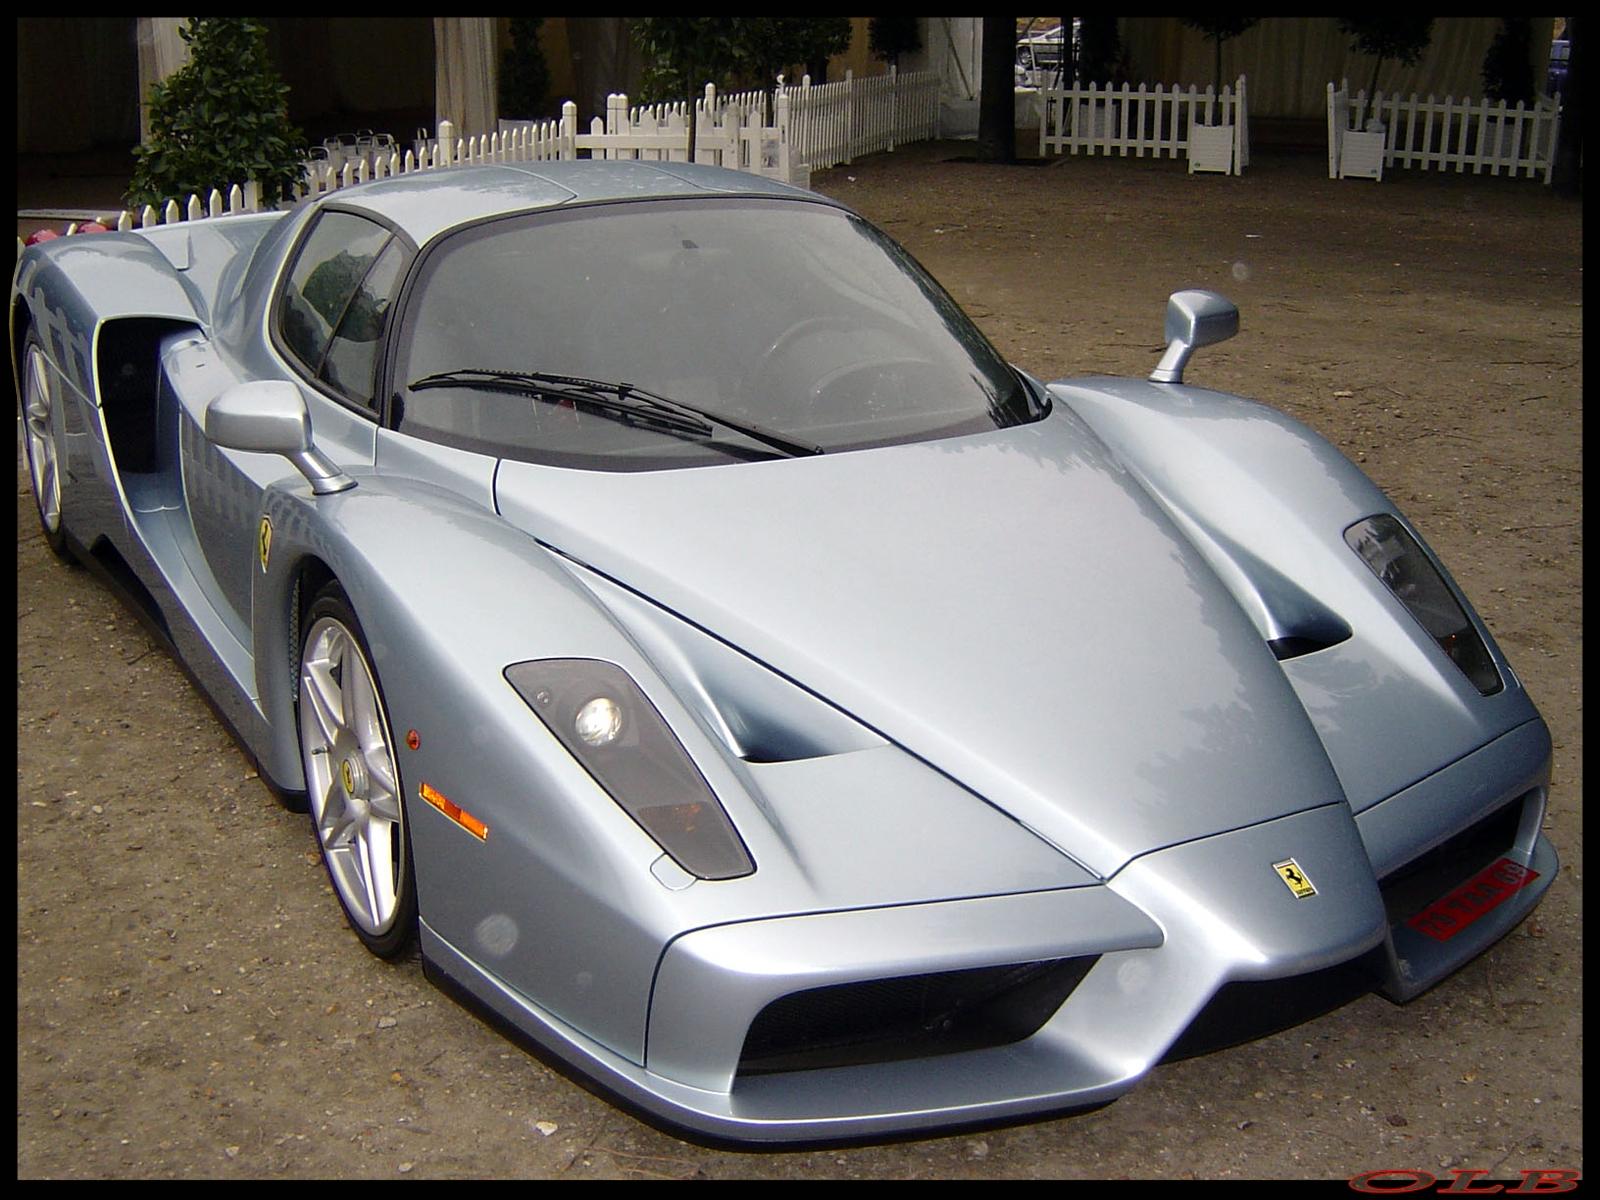 Cars Wallpapers: Cool Car Wallpapers: Ferrari Enzo